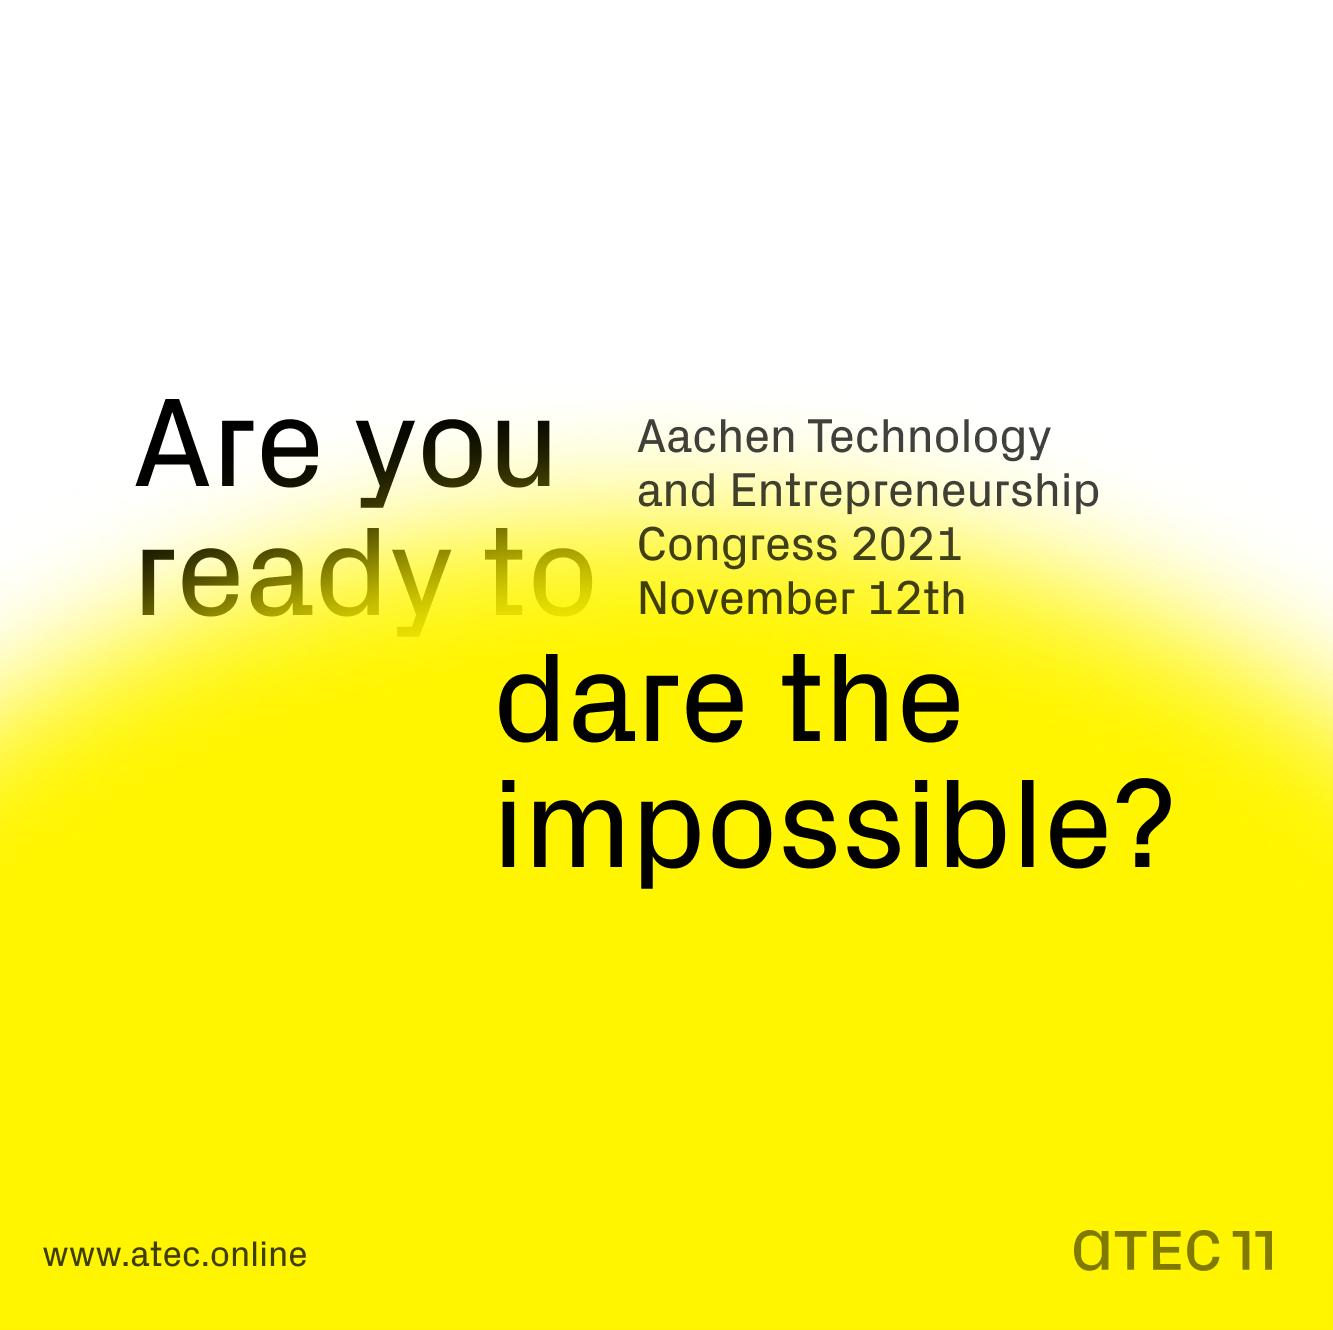 ATEC   Aachen Technology and Entrepreneurship Congress